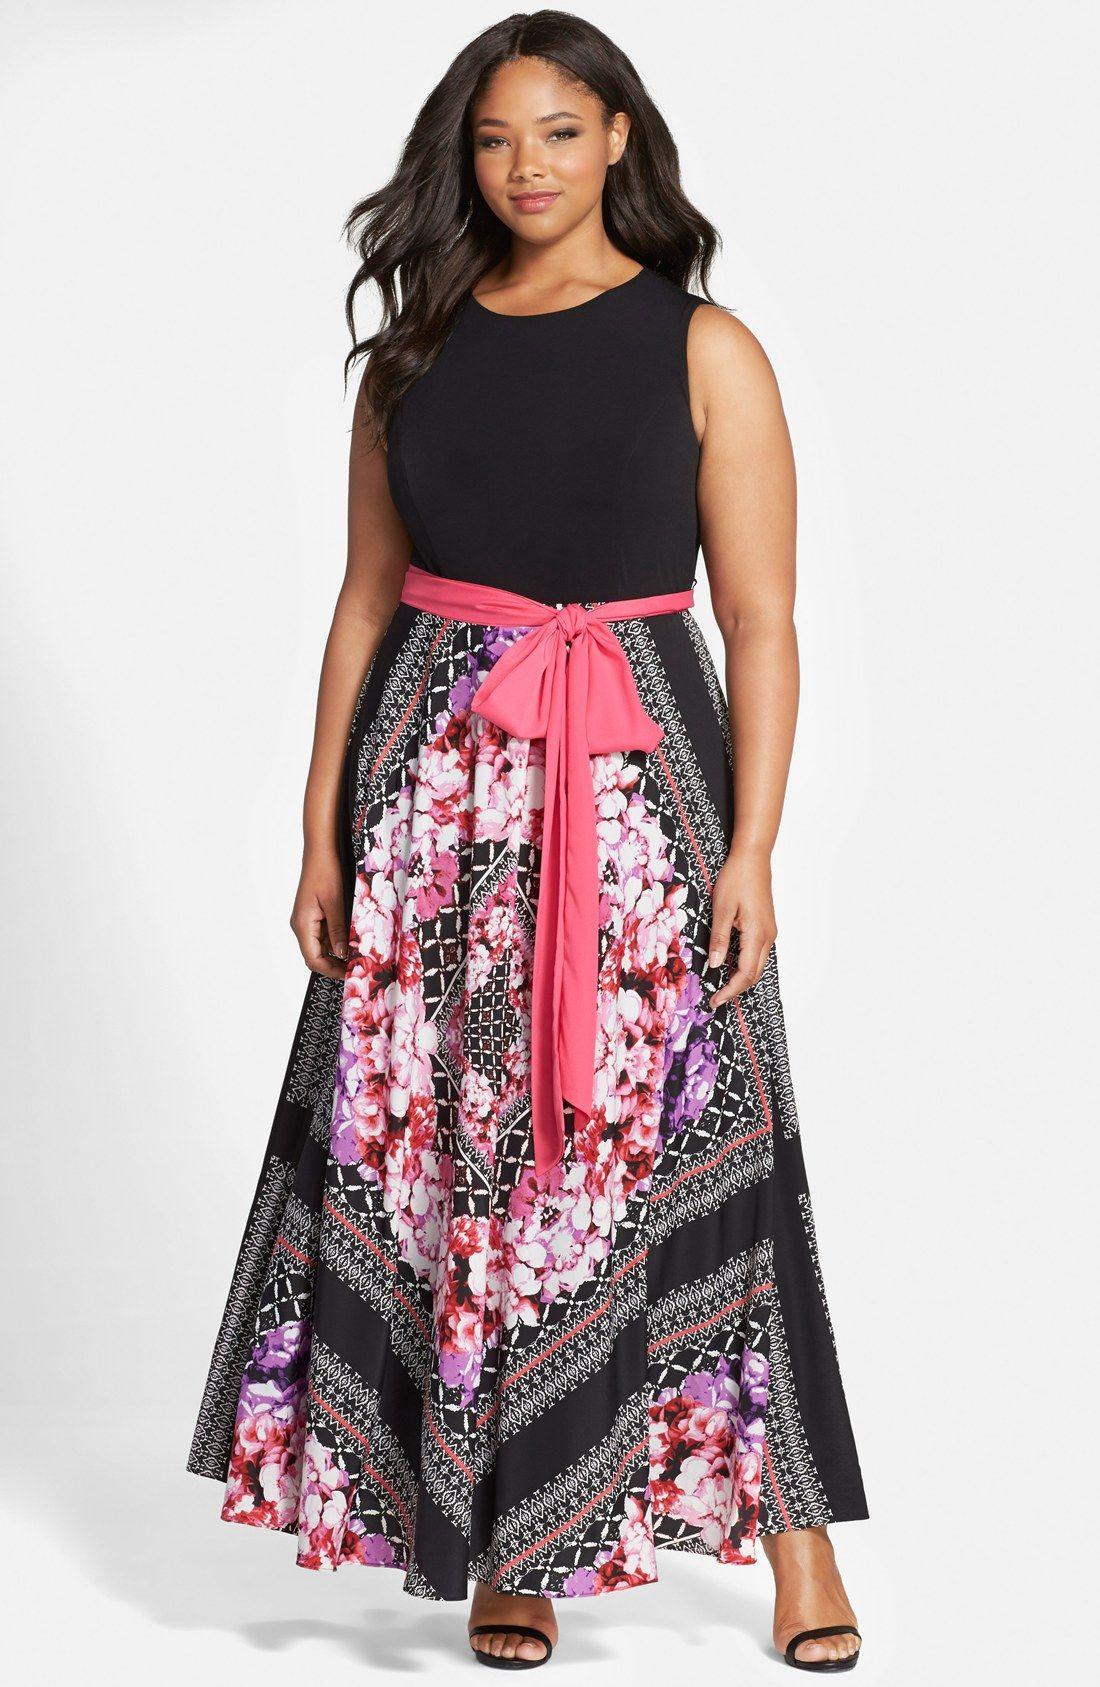 eliza j plus size dresses gallery - dresses design ideas